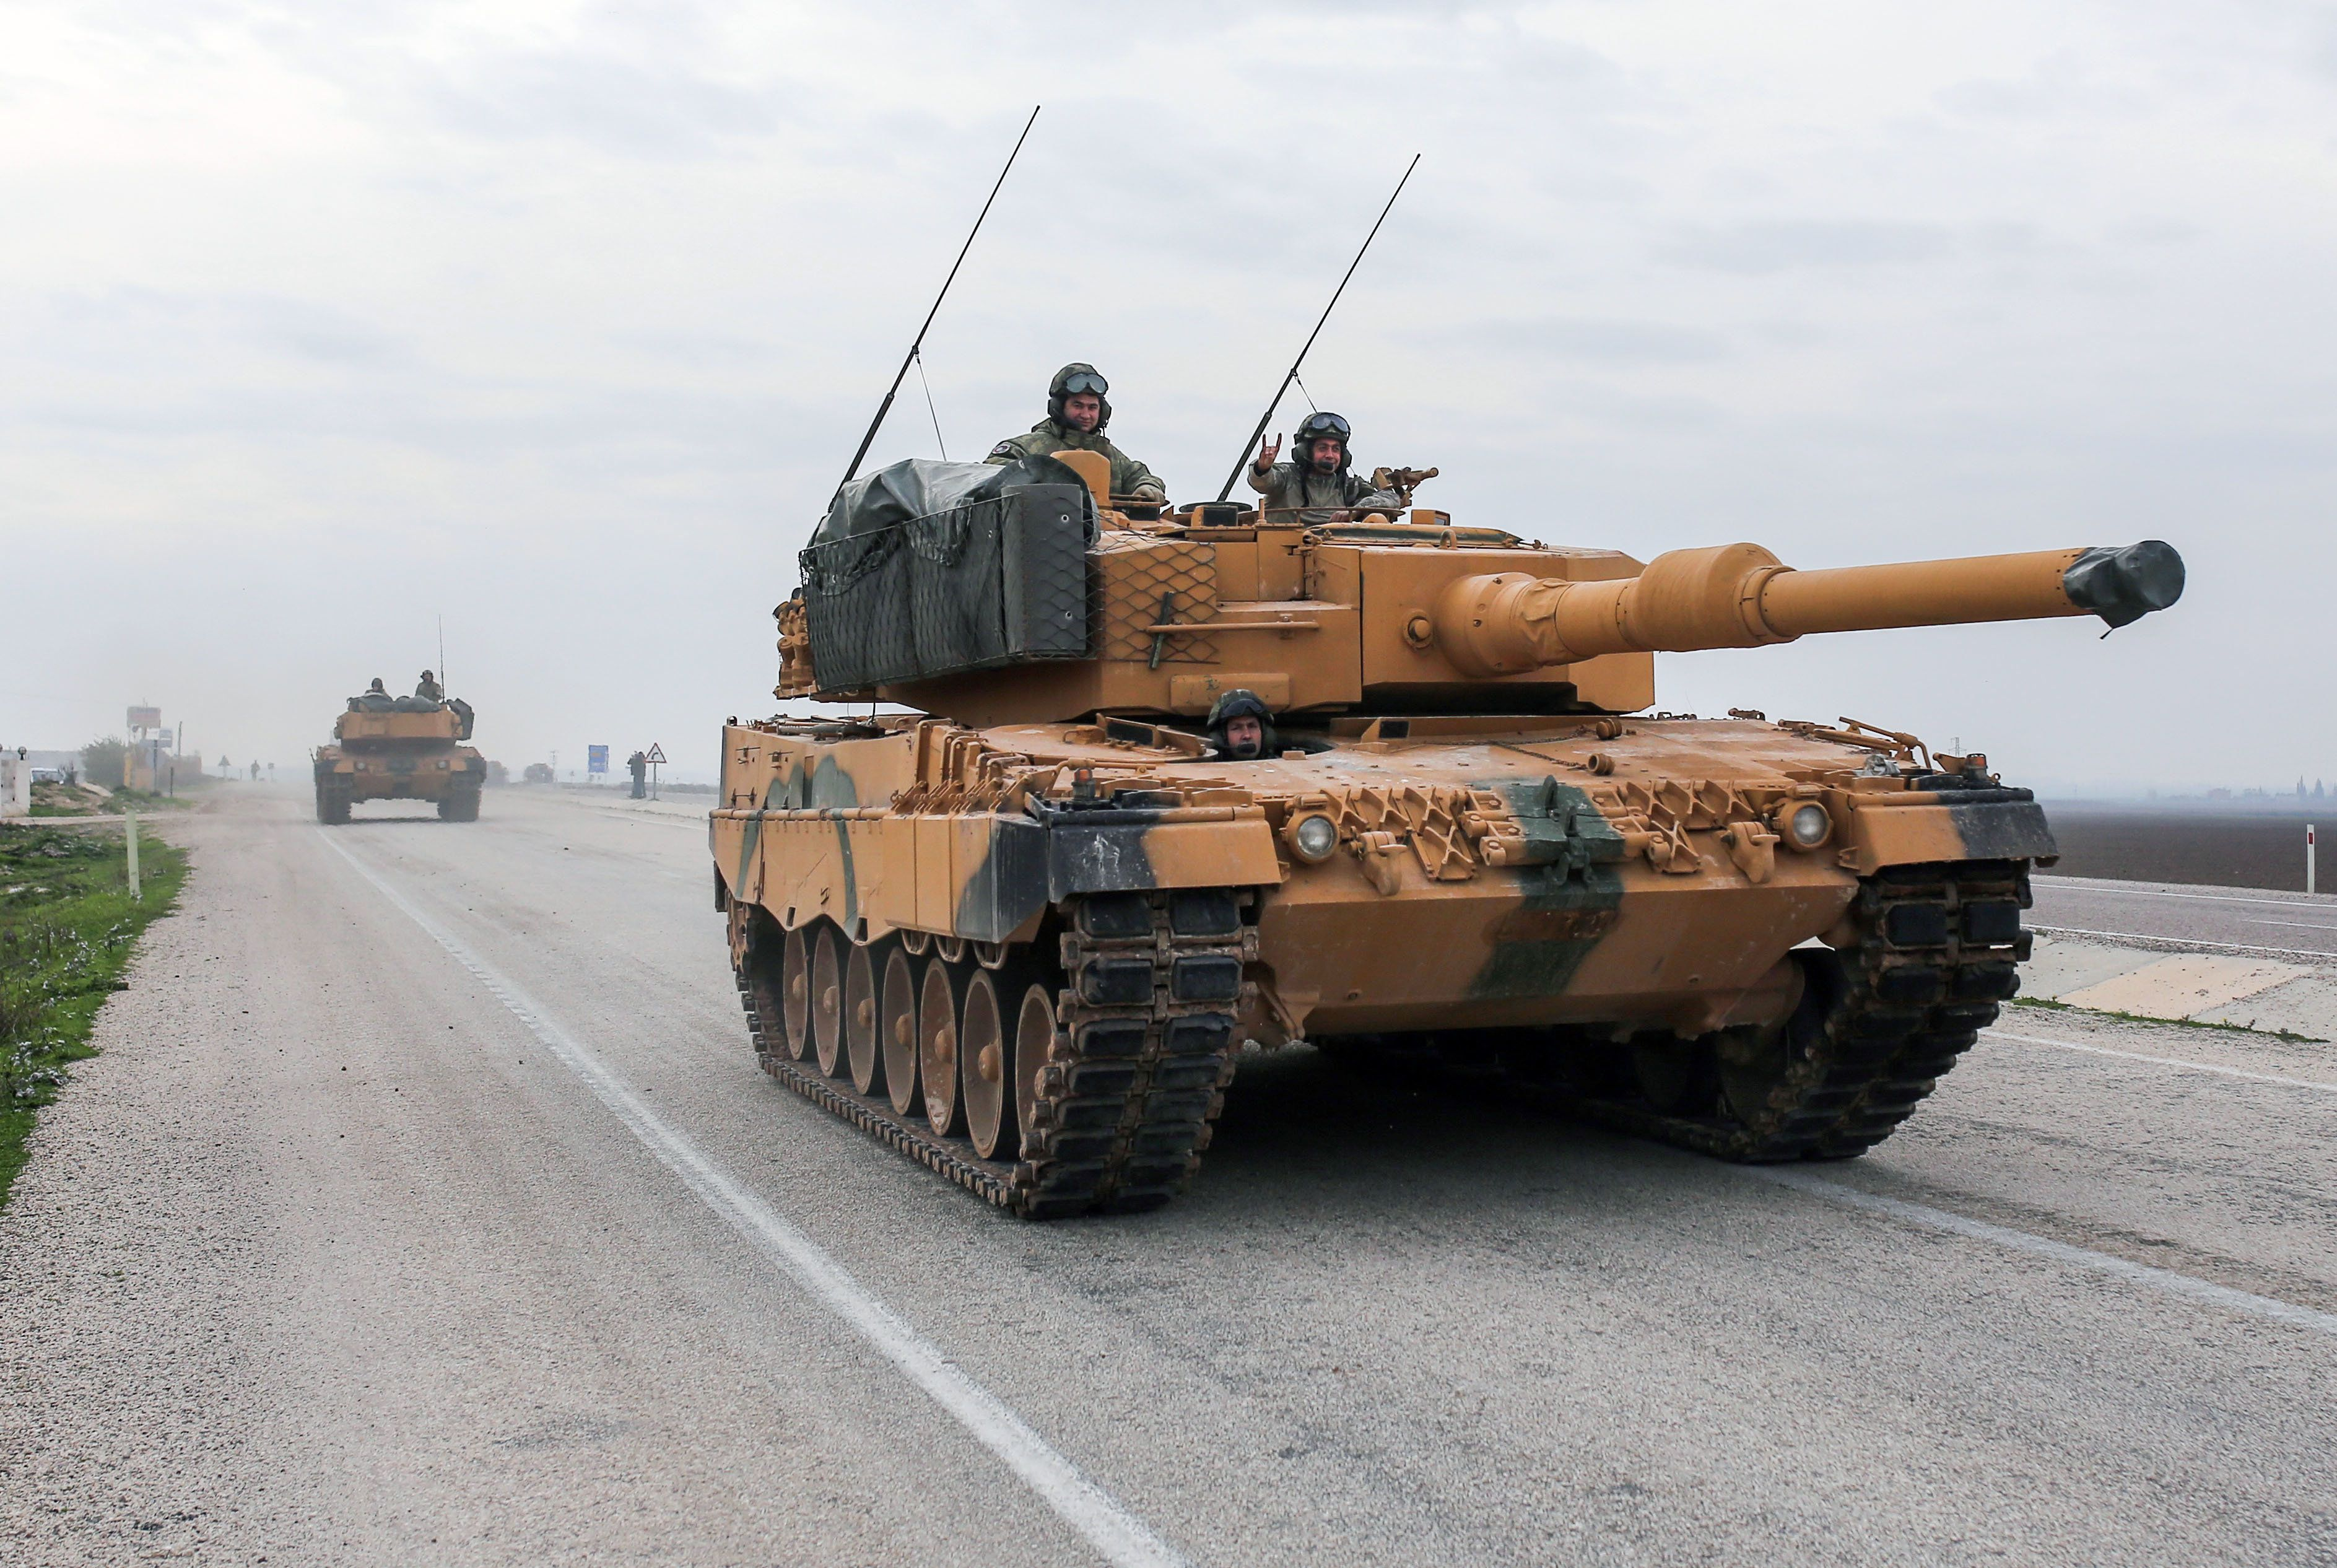 Deutschland hat umfangreiche Waffendeals mit der Türkei genehmigt – trotz